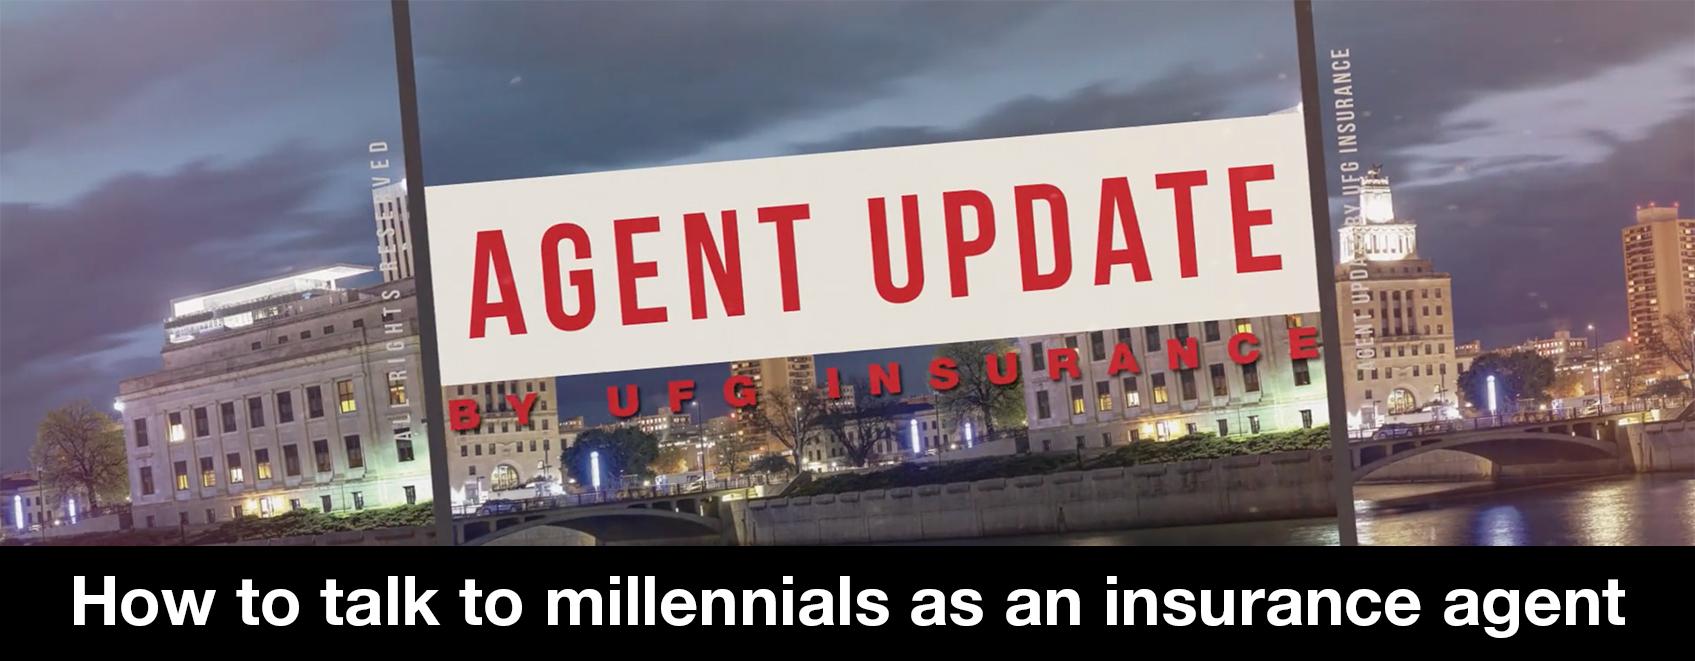 Agent Update: How to talk to millennials as an insurance agent